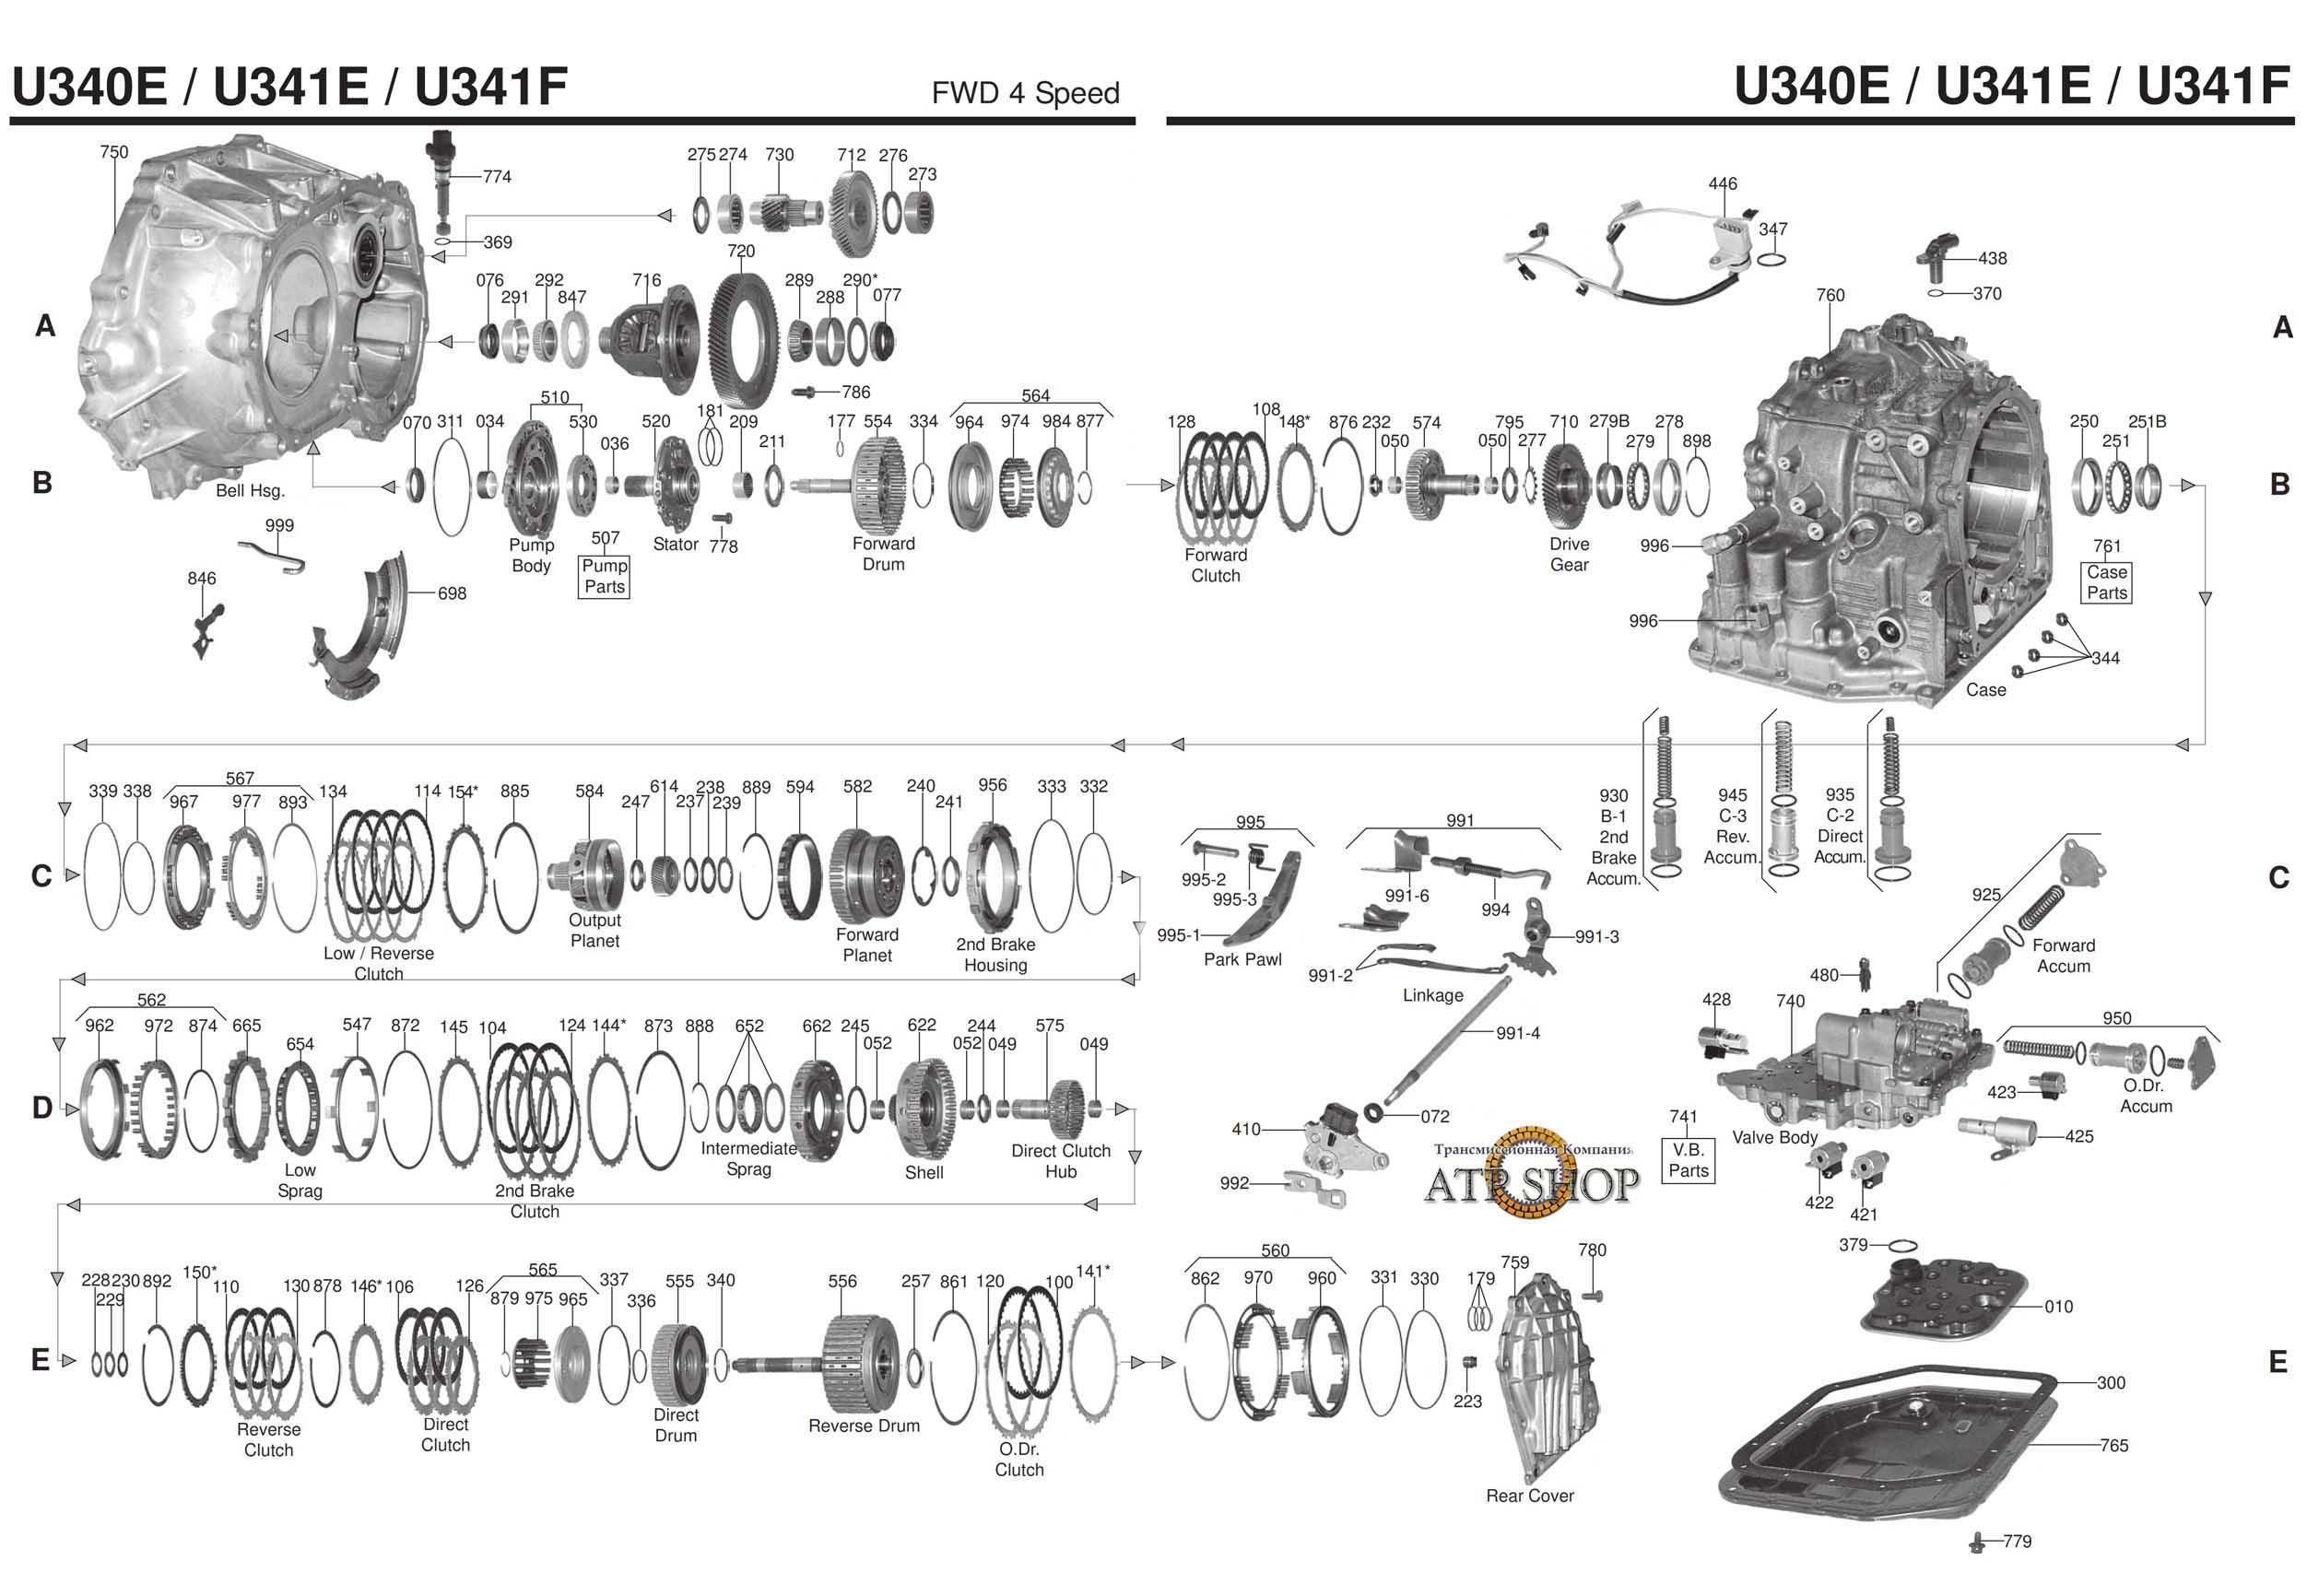 U340E (U341) Описание, Болезни, Ремонт, Цены.